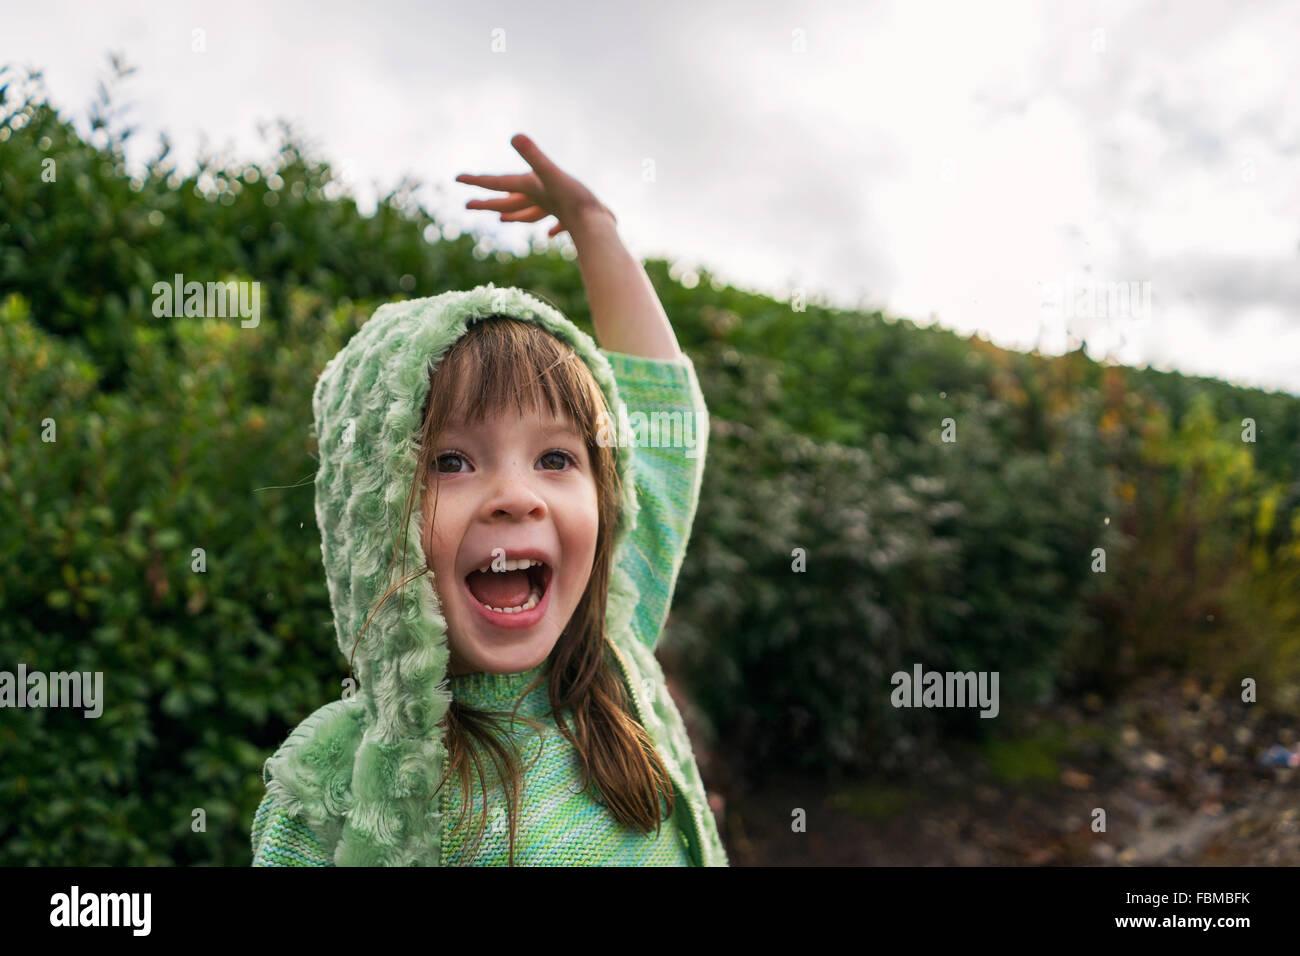 Emocionada chica con el brazo levantado en la lluvia Foto de stock